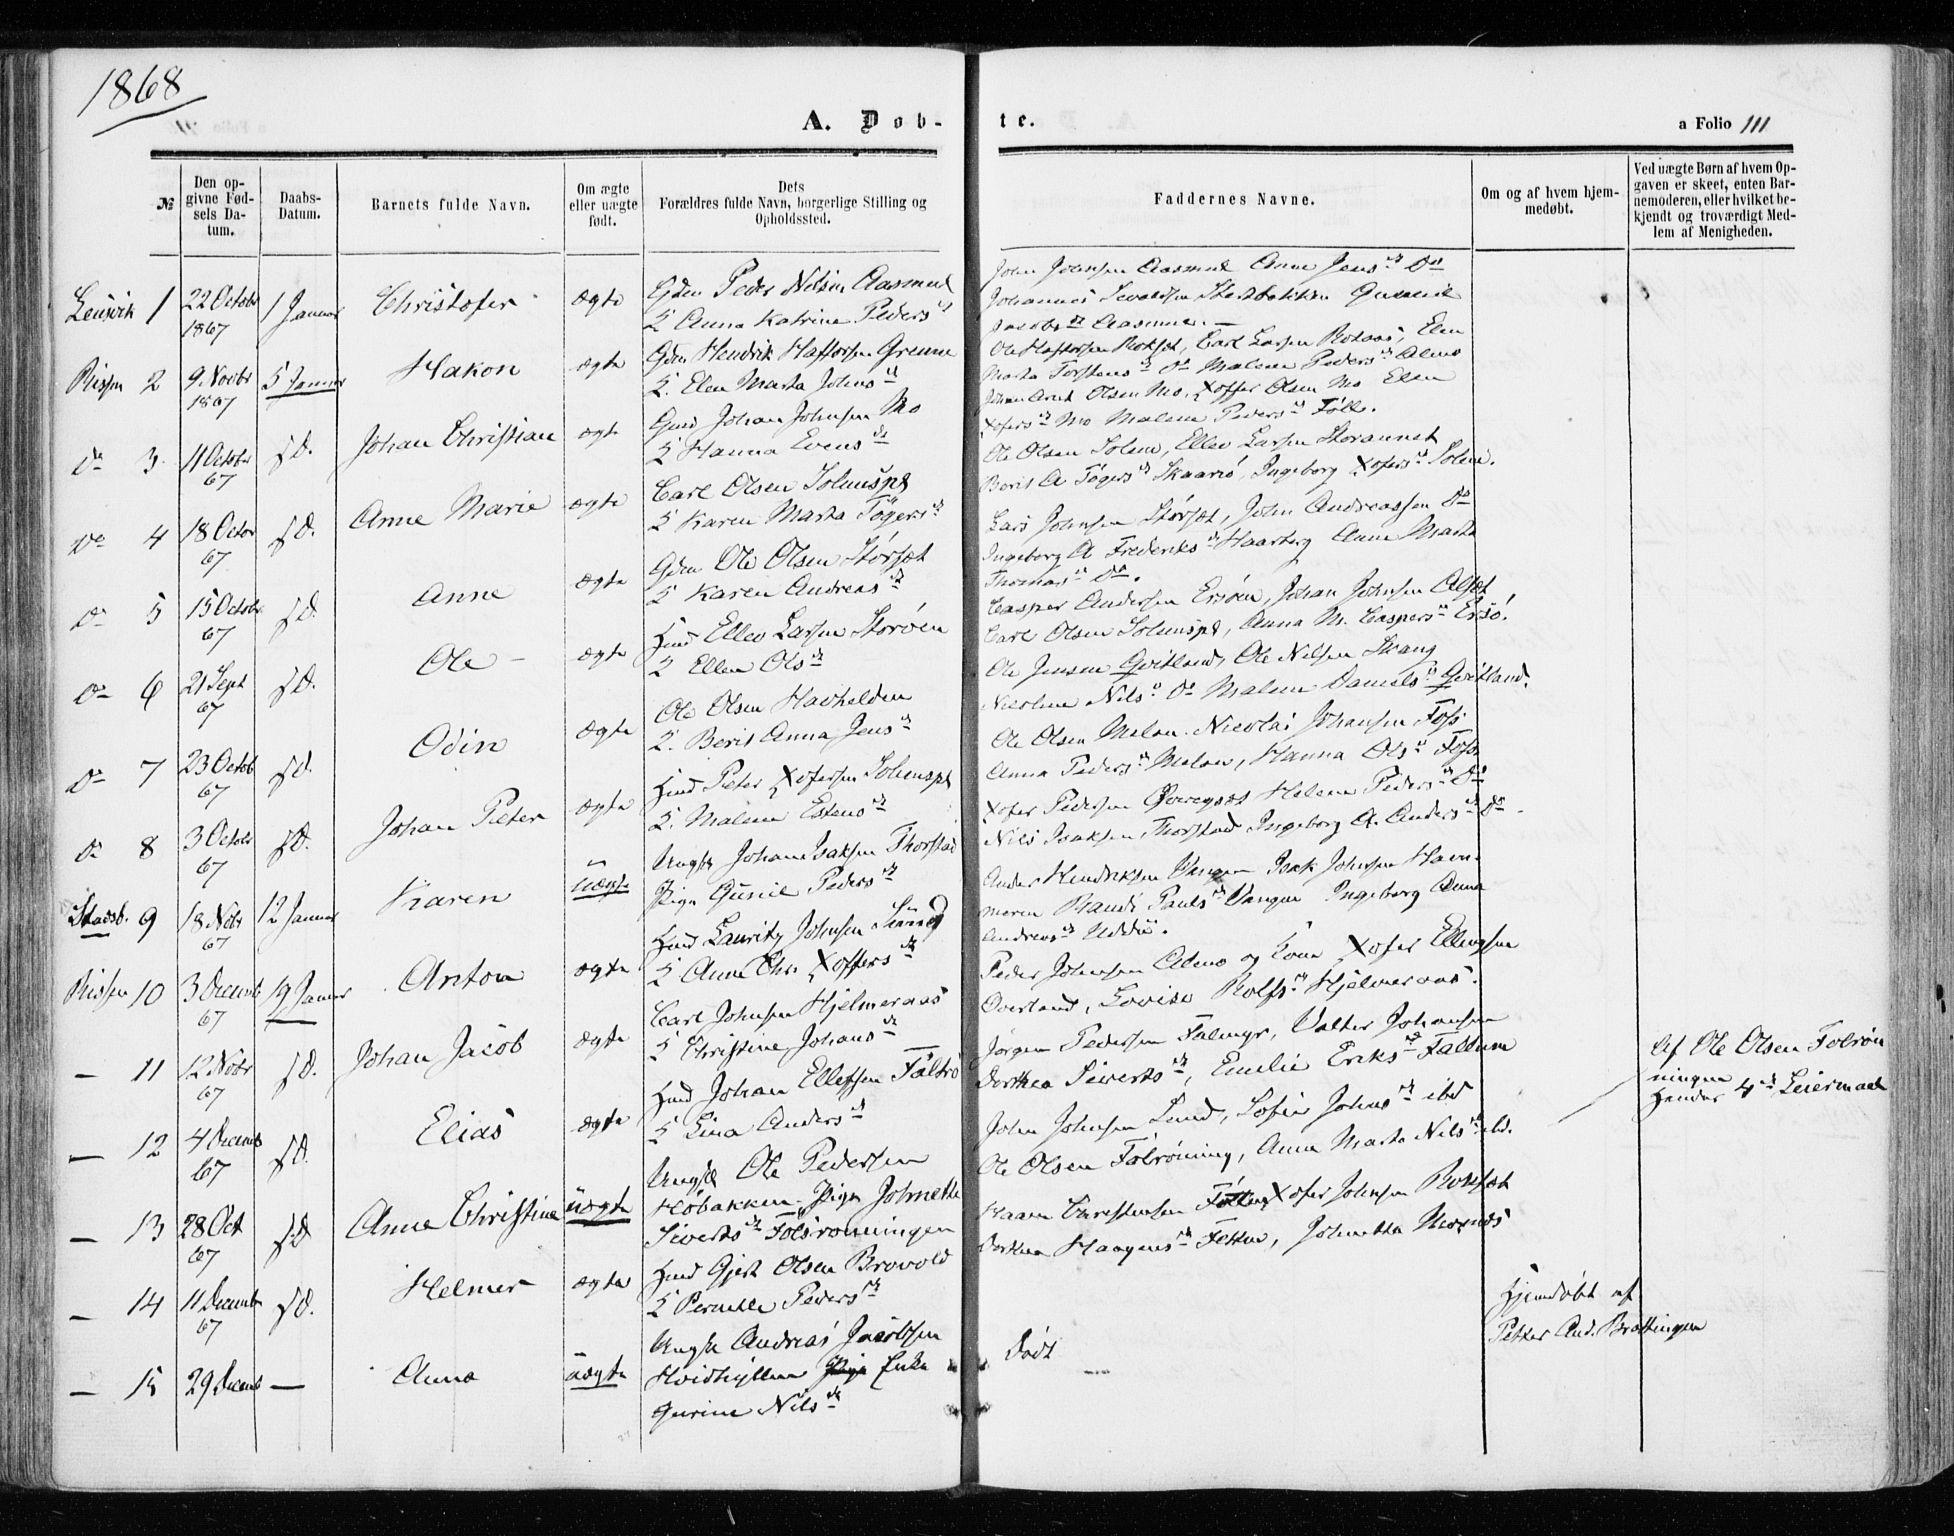 SAT, Ministerialprotokoller, klokkerbøker og fødselsregistre - Sør-Trøndelag, 646/L0612: Ministerialbok nr. 646A10, 1858-1869, s. 111